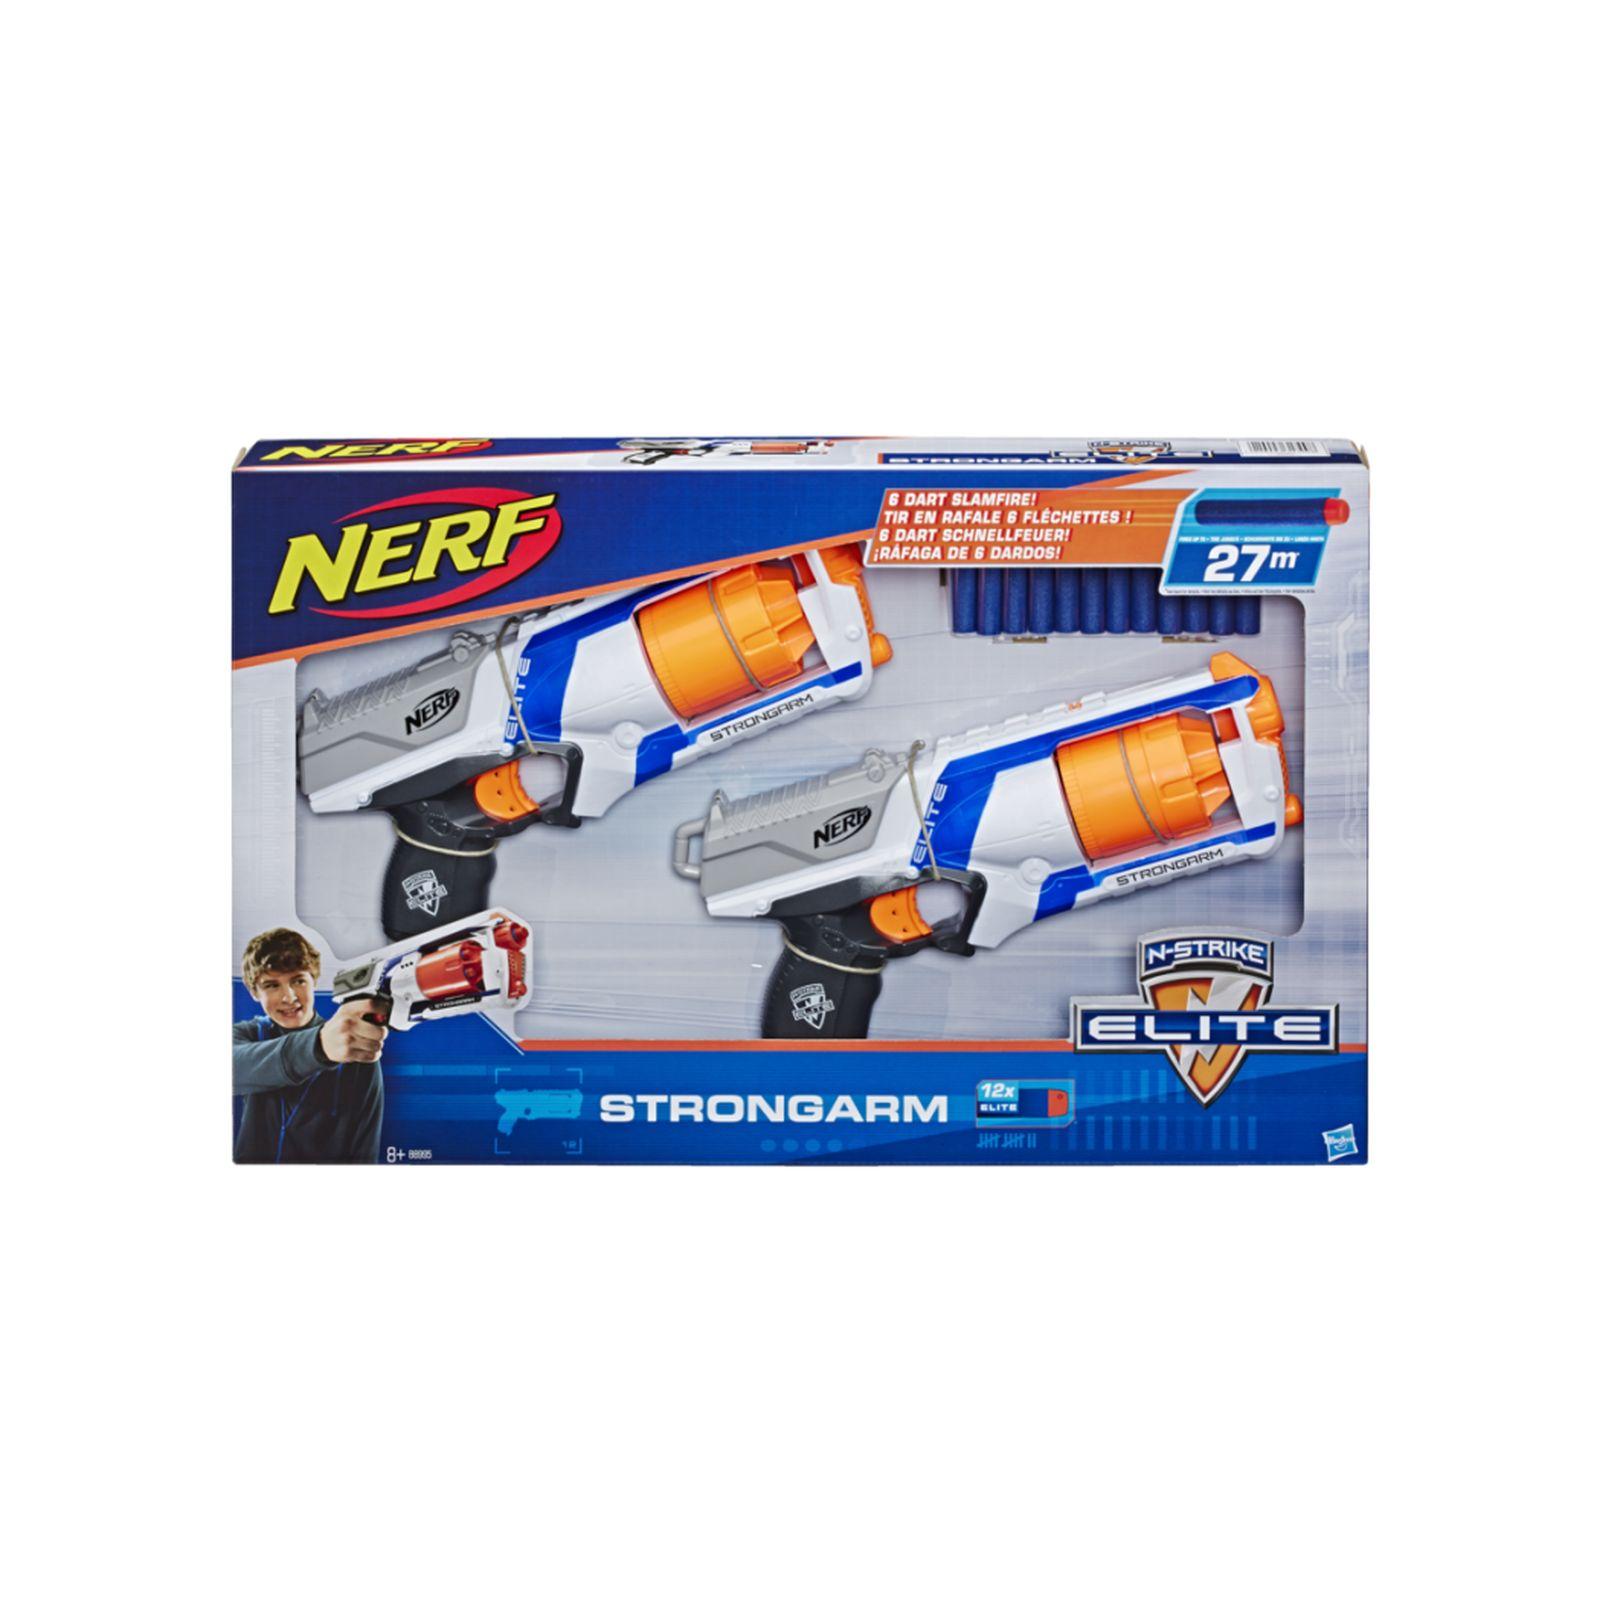 Nerf elite - strongarm (canna rotante con lanci a raffica, confezione da 2 blaster e 12 dardi originali nerf elite inclusi) - NERF